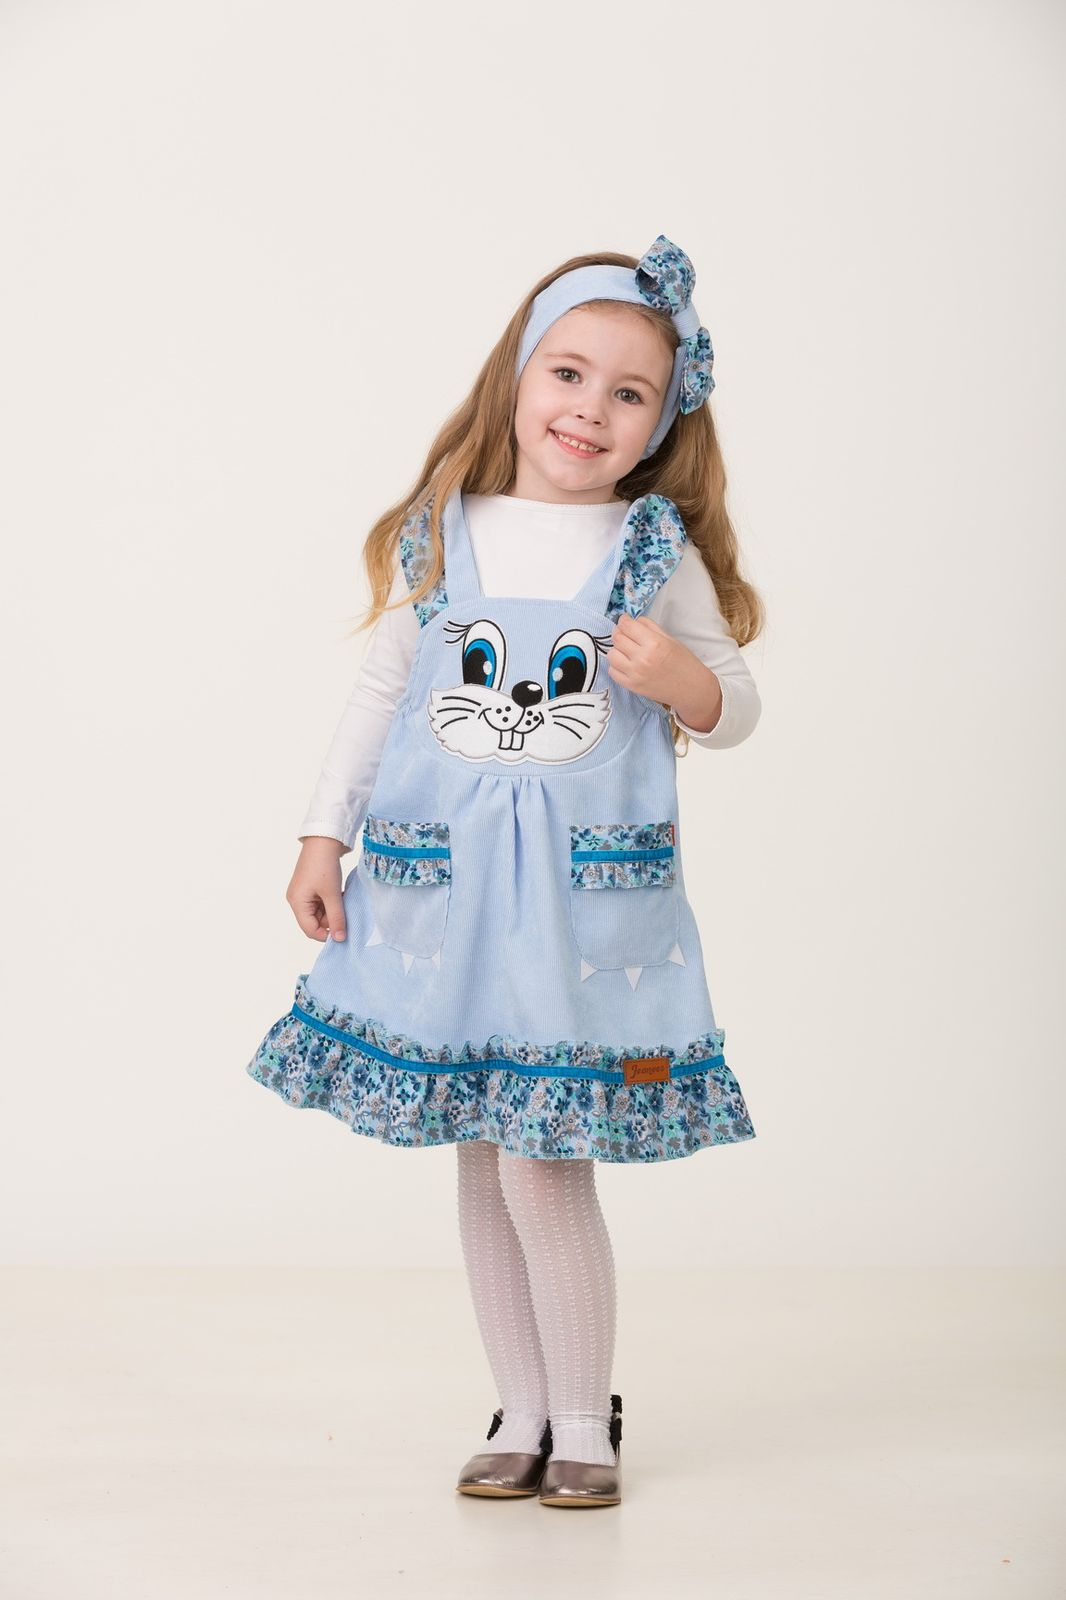 Карнавальный костюм Jeanees Зайка Капризка, цвет: голубой. Размер: 24 карнавальный костюм jeanees зайка капризка цвет голубой размер 30